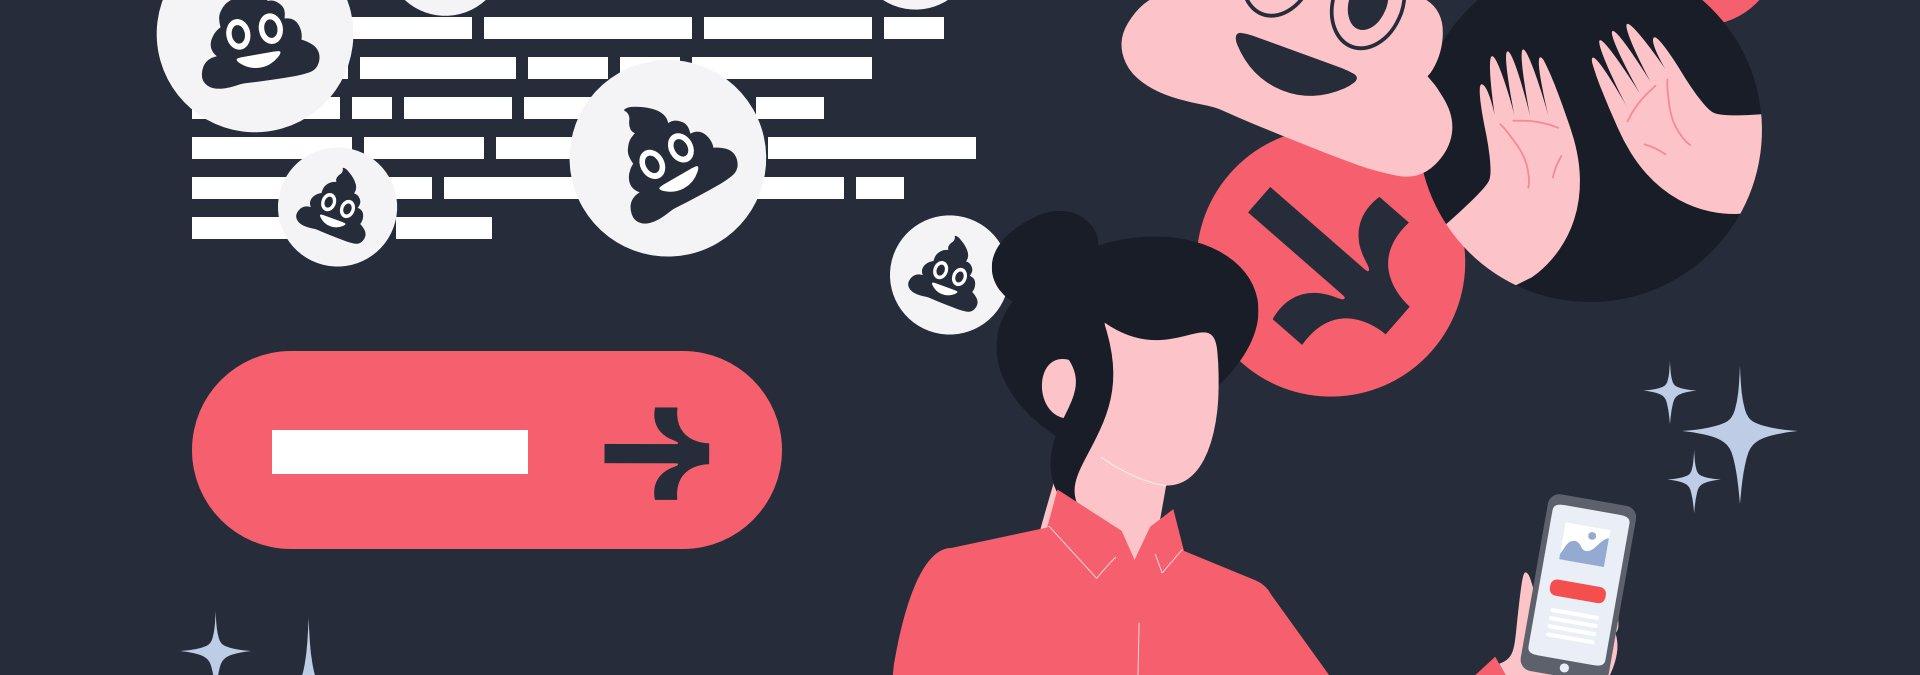 Emoji: come usarle nel proprio progetto